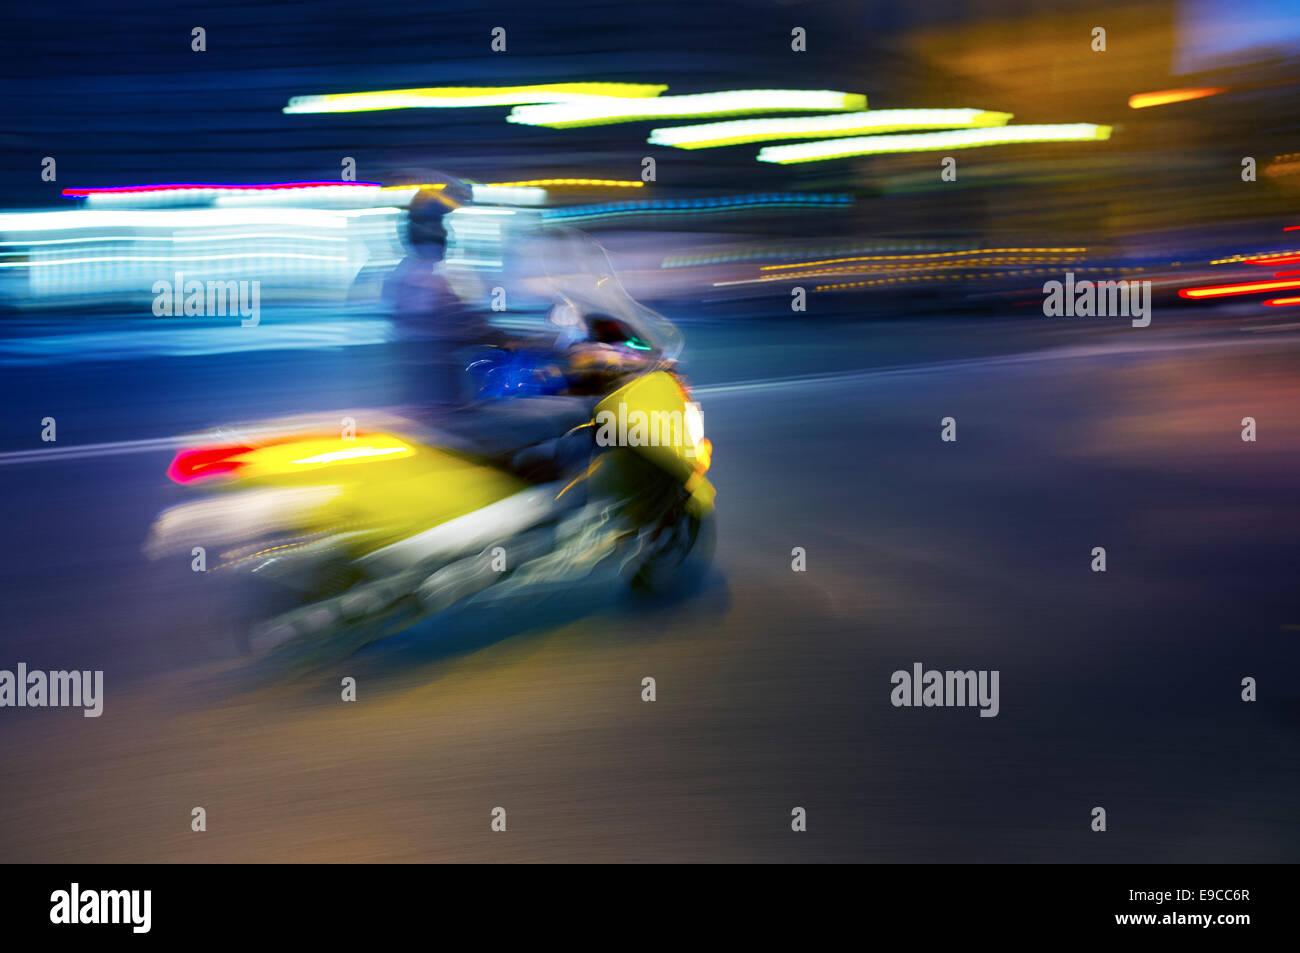 Abstraktes Bild verschwommen einen Roller fahren bei Nacht. Stockbild